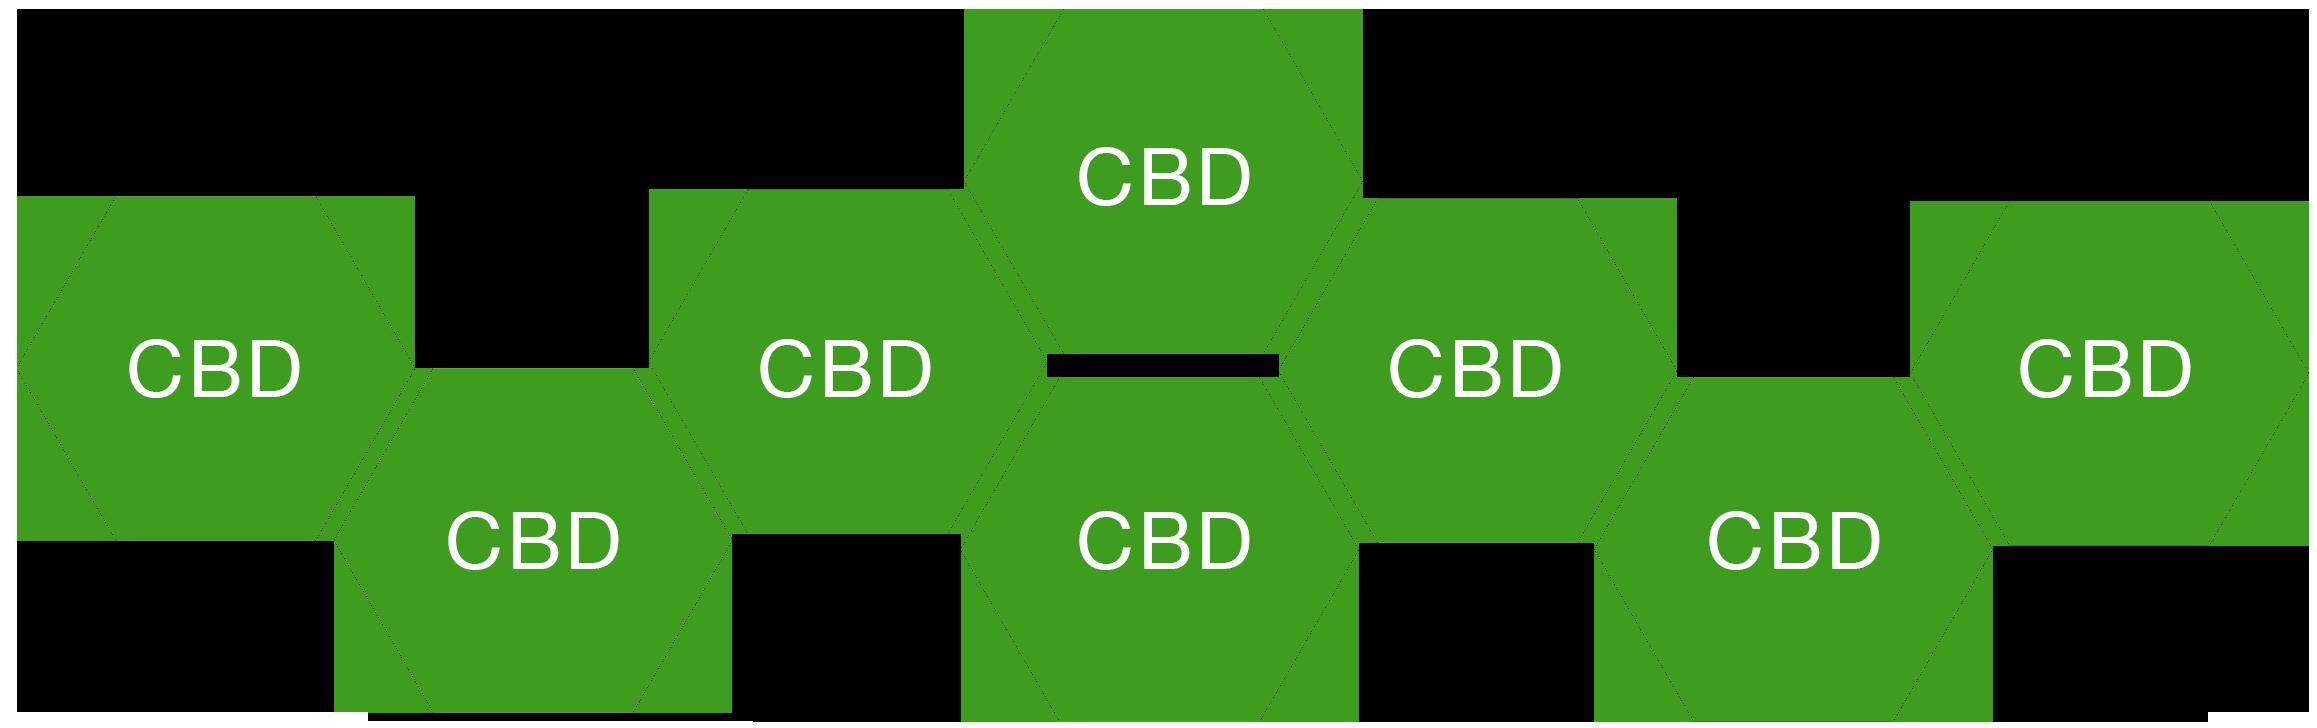 cbd isolate diagram